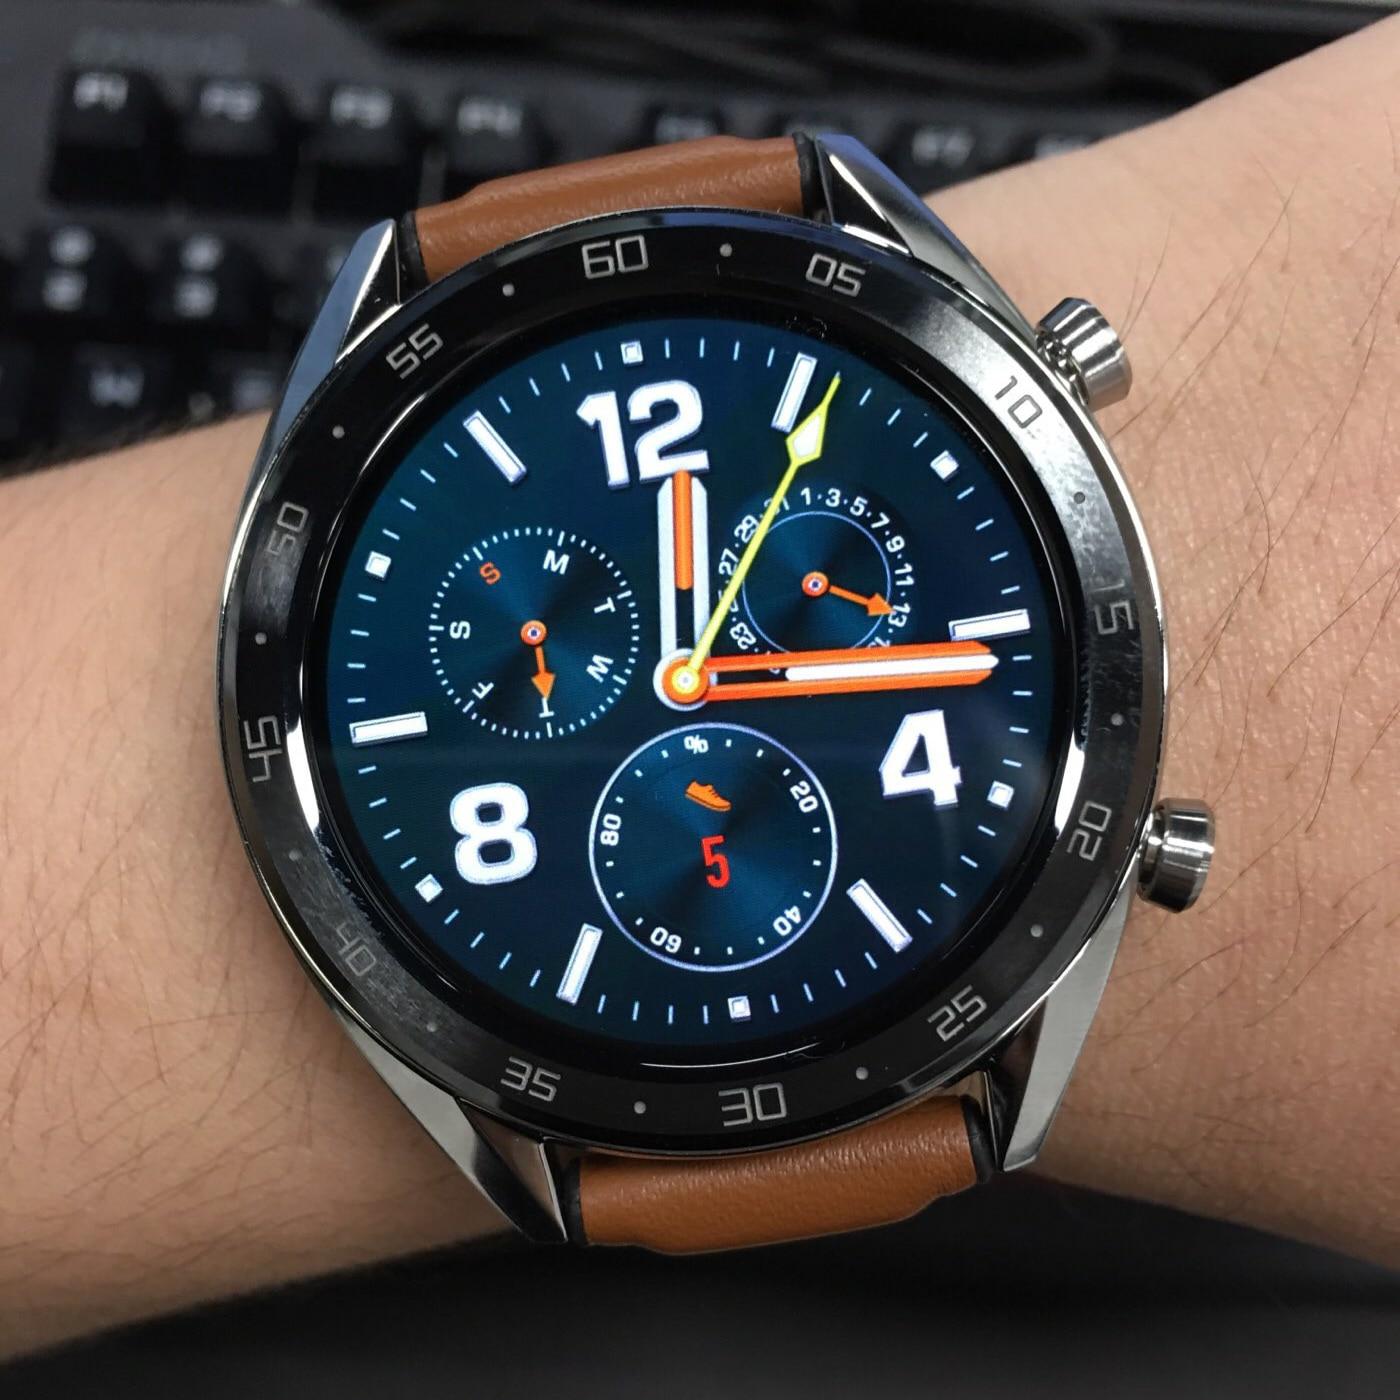 95% NEW Original HUAWEI Watch GT In Stock Smart Watch Sleep Support Waterproof Heart Rate Tracker GPS Sport Tracker SmartWatch